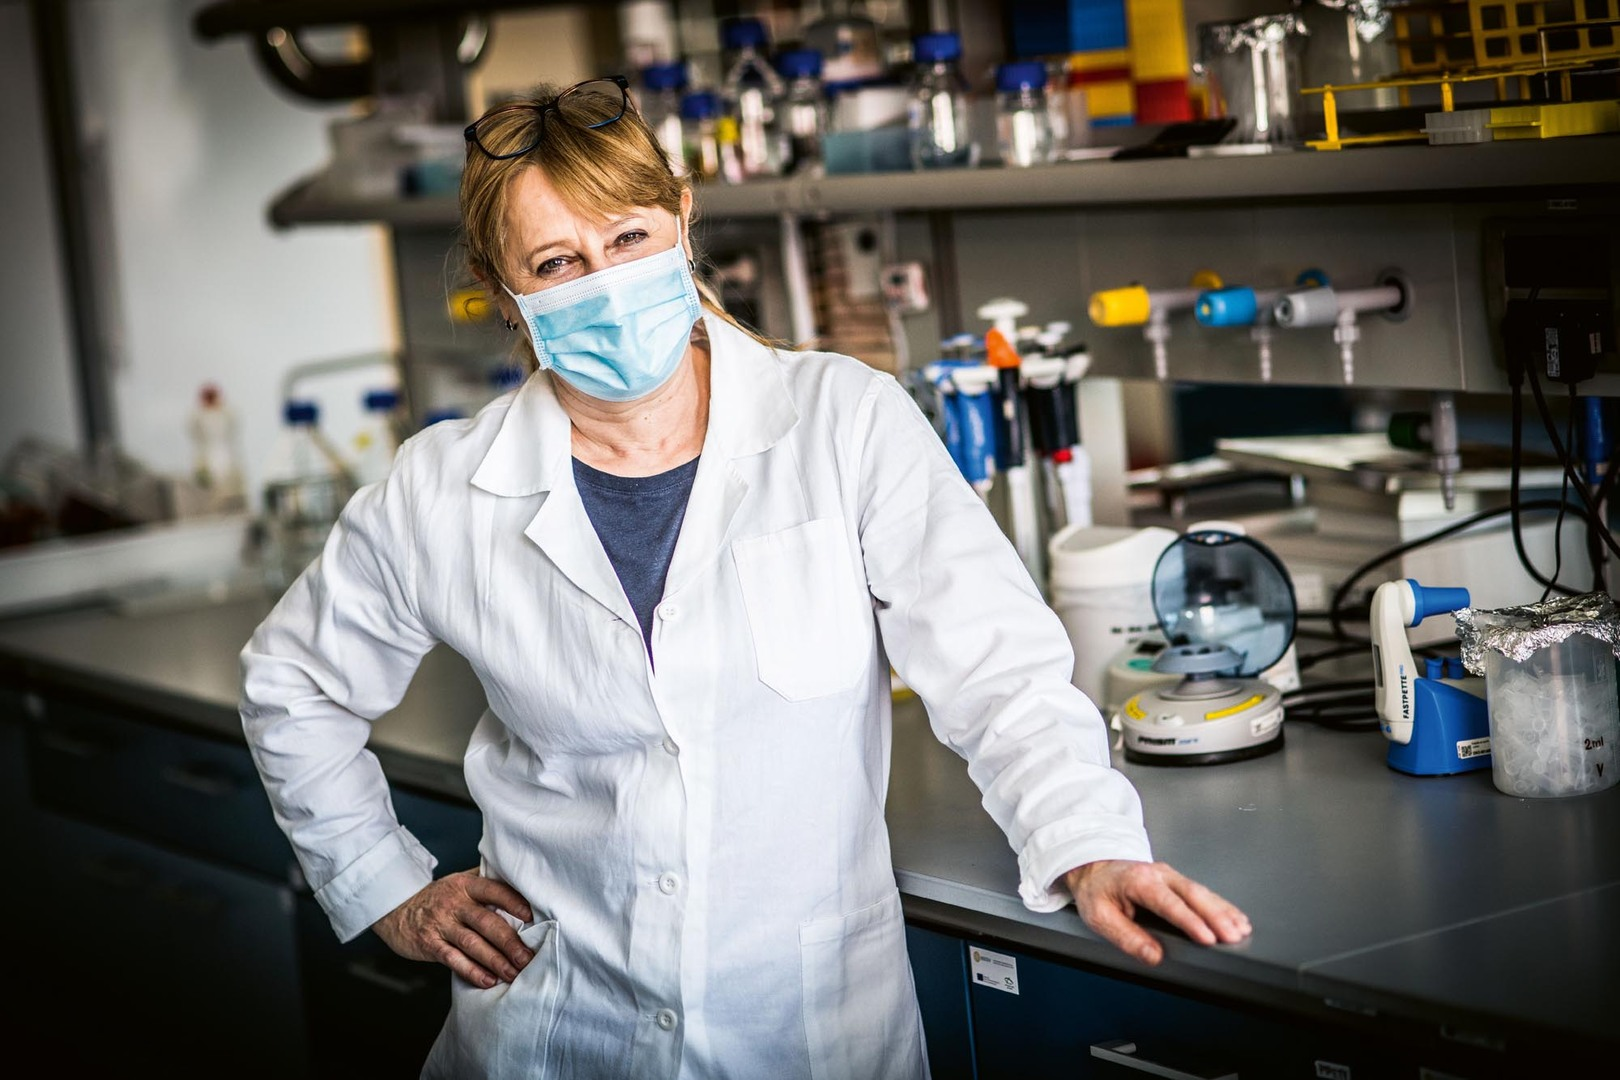 """Vesmír/Luboš Wišniewski (UK): **RNDr. Ruth Tachezy, Ph.D.** (*1964) Vystudovala Přírodovědeckou fakultu UK v Praze, obor molekulární biologie a genetika. Pracovala v Ústavu sér a očkovacích látek na oddělení experimentální virologie, které se později po privatizaci ÚSOL stalo součástí Ústavu hematologie a krevní transfúze. Od roku 1998 vede Národní referenční laboratoř pro papilomaviry a polyomaviry a zastupuje ÚHKT v neziskové mezinárodní organizaci ECCA, která se zabývá prosazováním správné preventivní strategie předcházející karcinomu děložního hrdla. Od roku 2014 je zaměstnána též na Přírodovědecké fakultě UK v Praze jako výzkumný pracovník, vede výzkumnou skupinu ve vědeckém centru BIOCE V a přednáší. Od roku 2019 vede katedru genetiky a mikrobiologie. Účastní se práce apolitického, nezávislého týmu expertů Iniciativa Sníh, která má za cíl """"spolupracovat na ochraně zdraví i na zmírnění dopadů pandemie SAR S-CoV-2"""" (www.iniciativa-snih.cz)."""